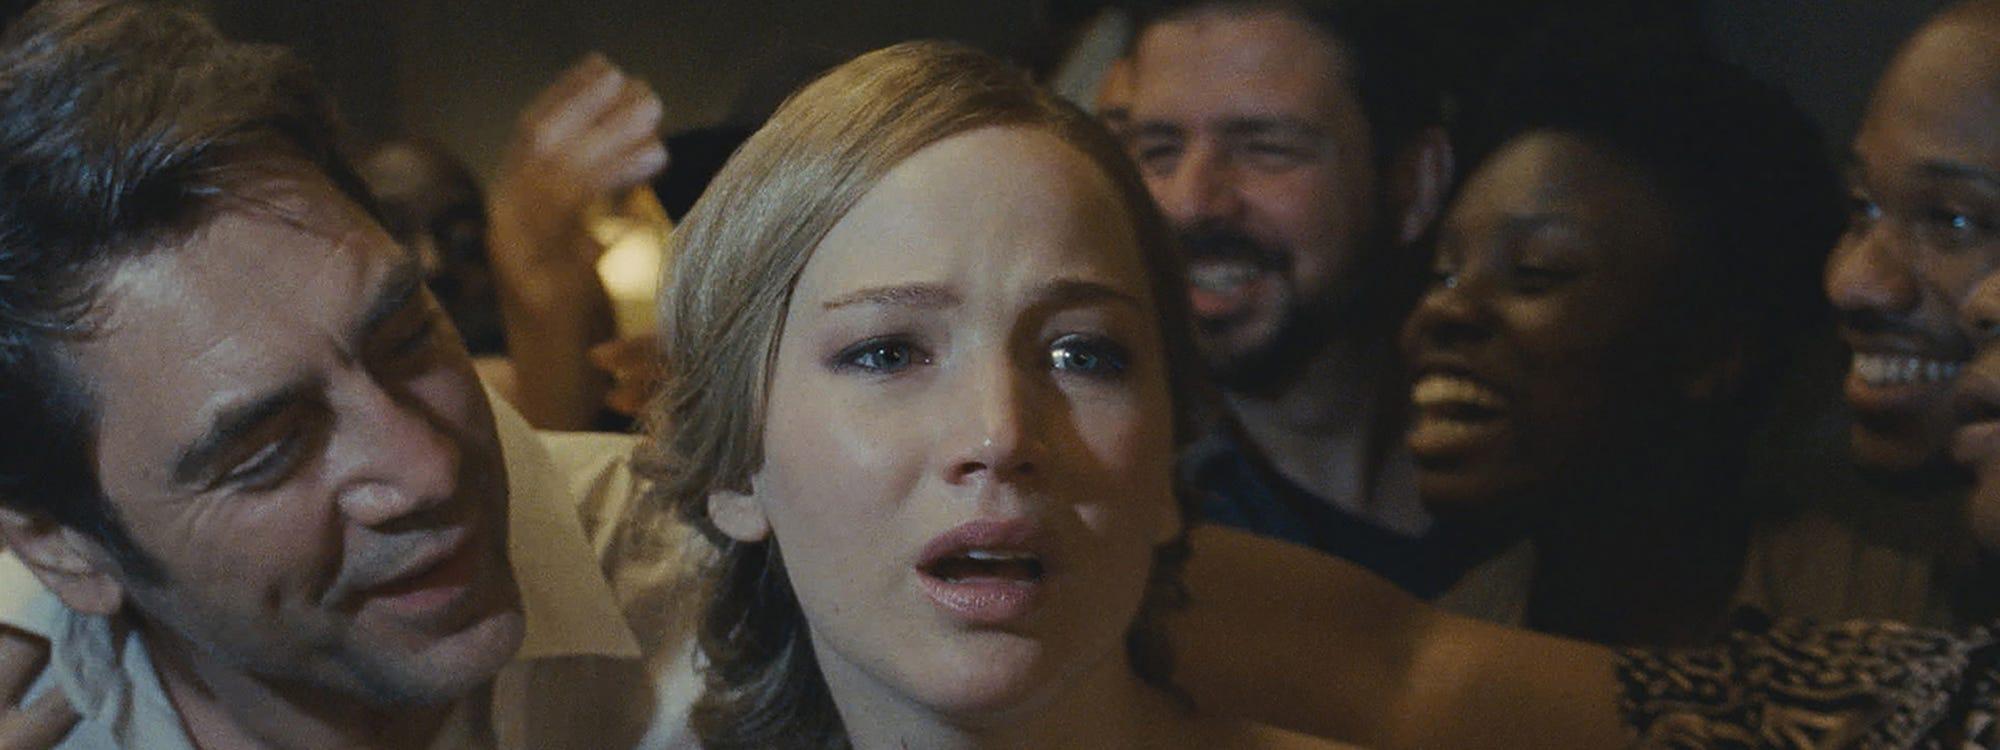 Breastfeeding Scenes In Movies